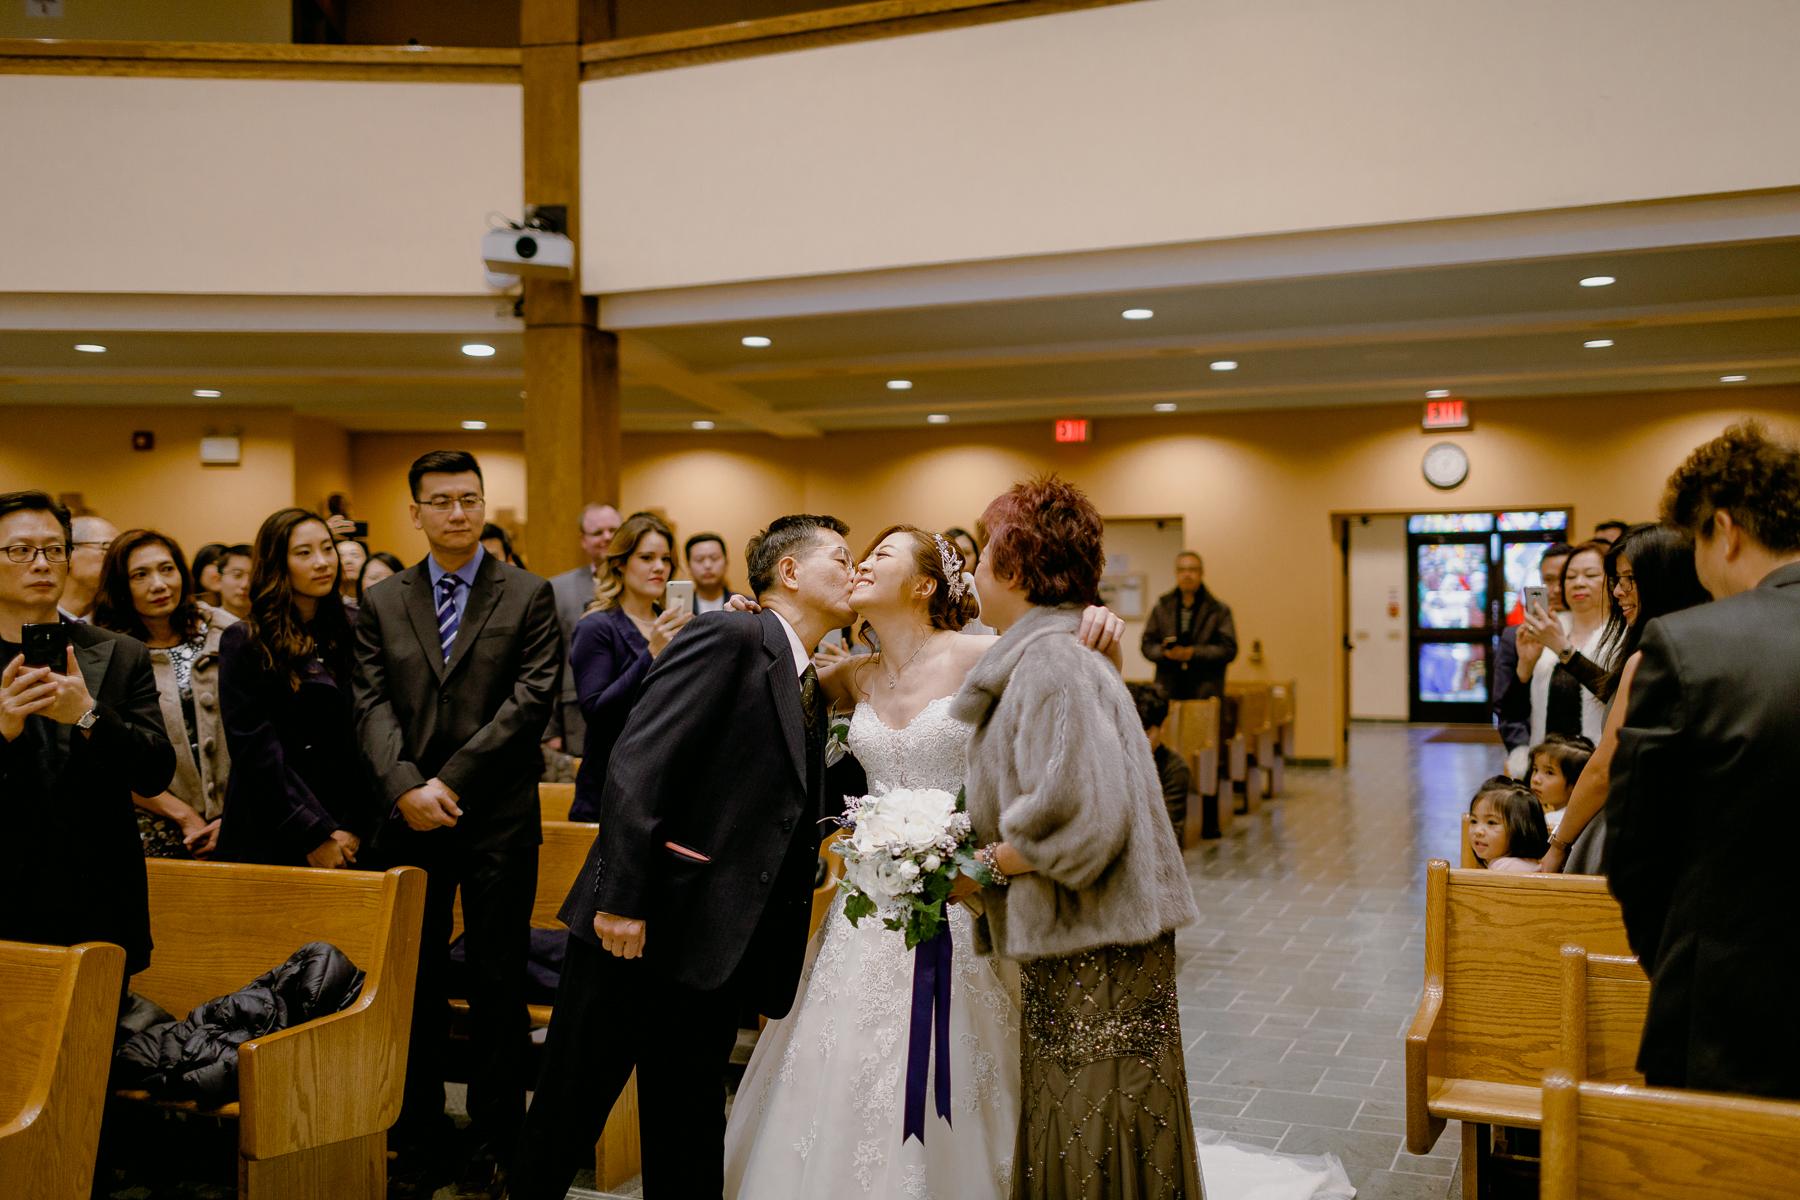 markham-wedding-photography-markham-museum-wedding 0032.jpg